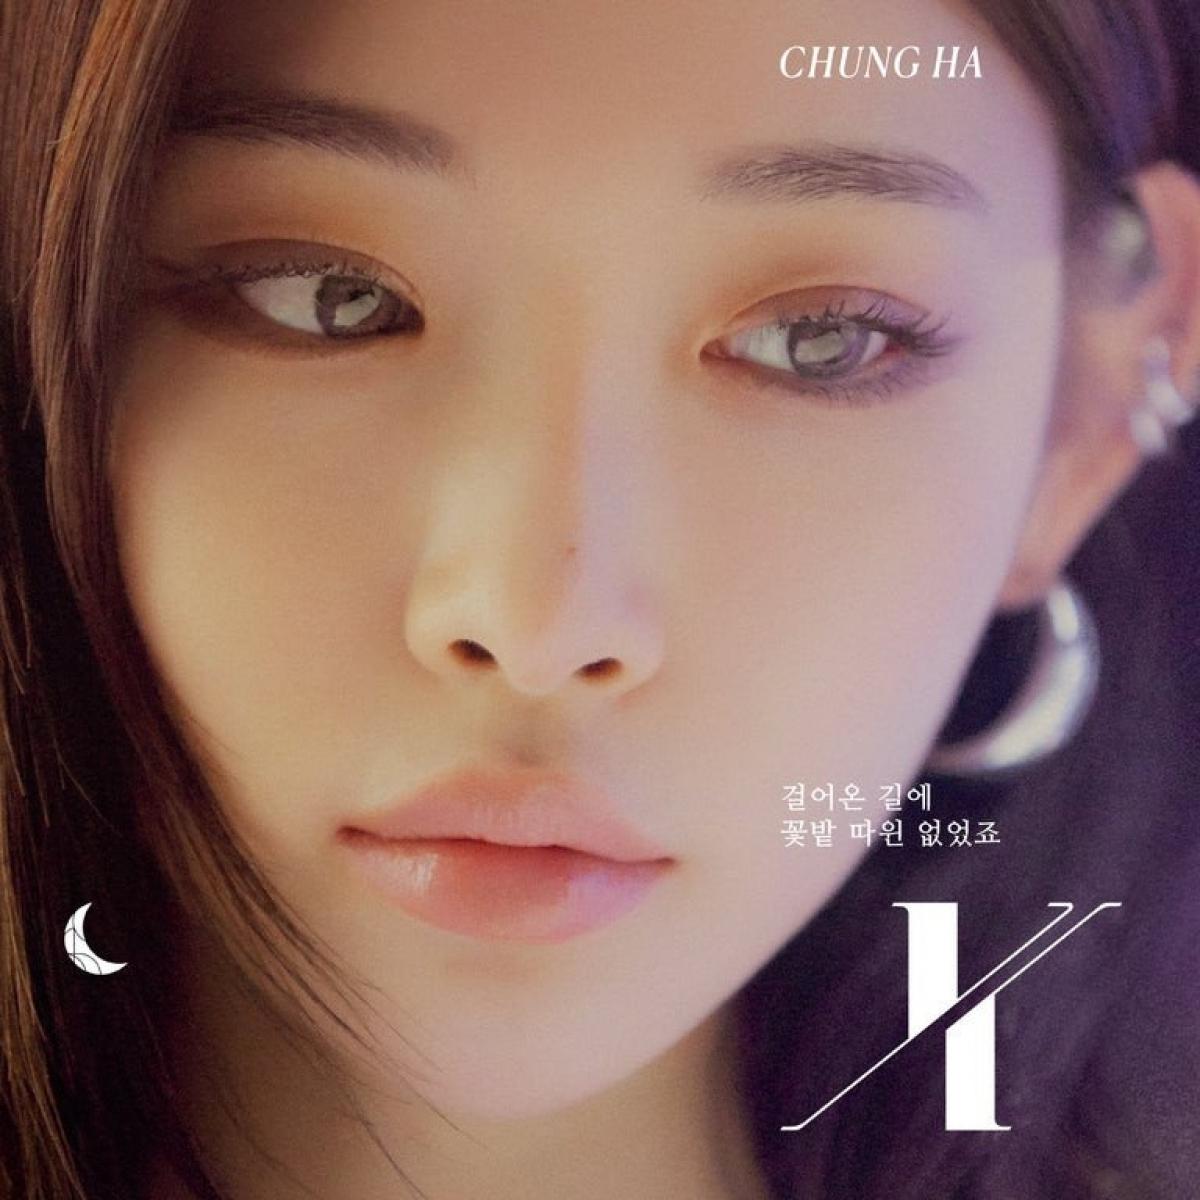 Nữ ca sĩ đang trong quá trình chuẩn bị quảng bá đĩa đơn và dự kiến phát hành album mới.